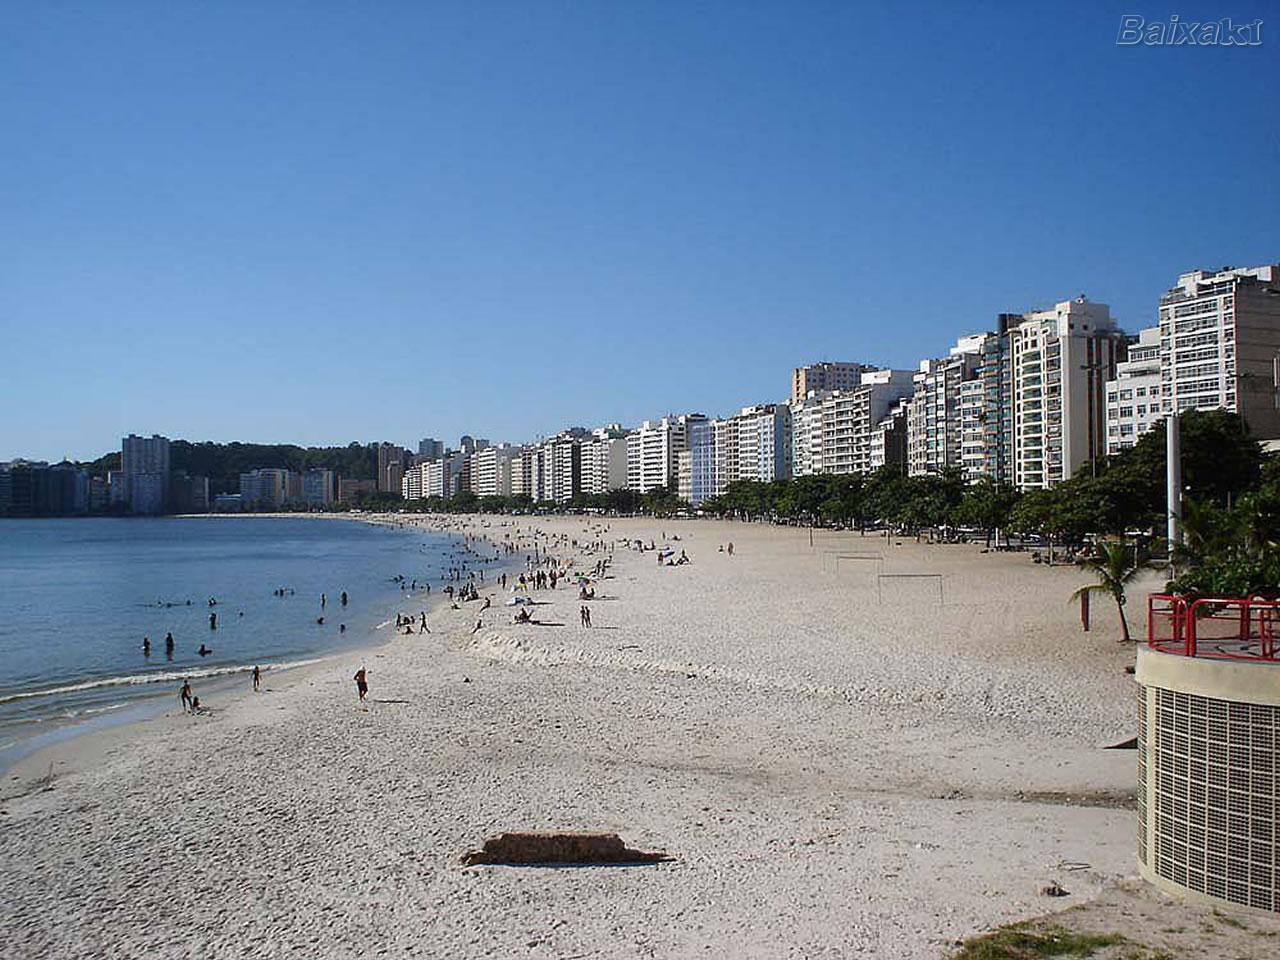 BXK80648_vista-panoramica-da-praia-de-icarai-niteroi800.jpg